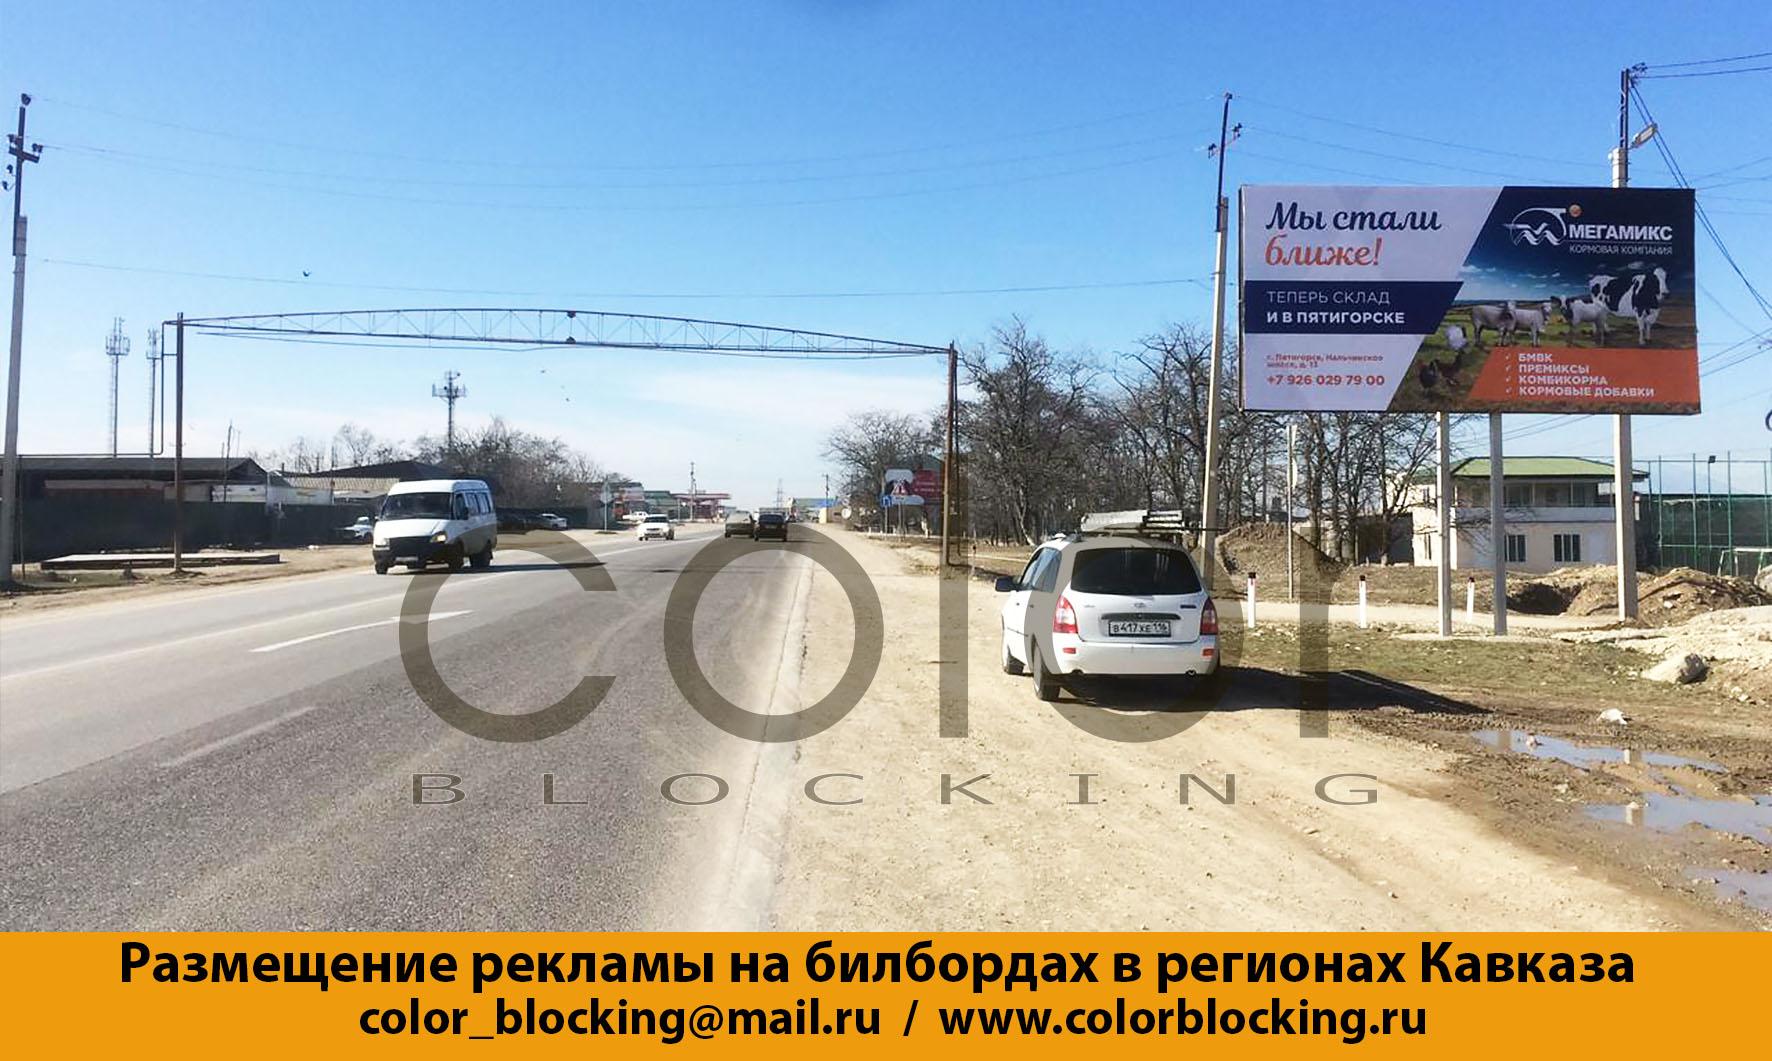 Реклама на билбордах на Кавказе Хасавюрт